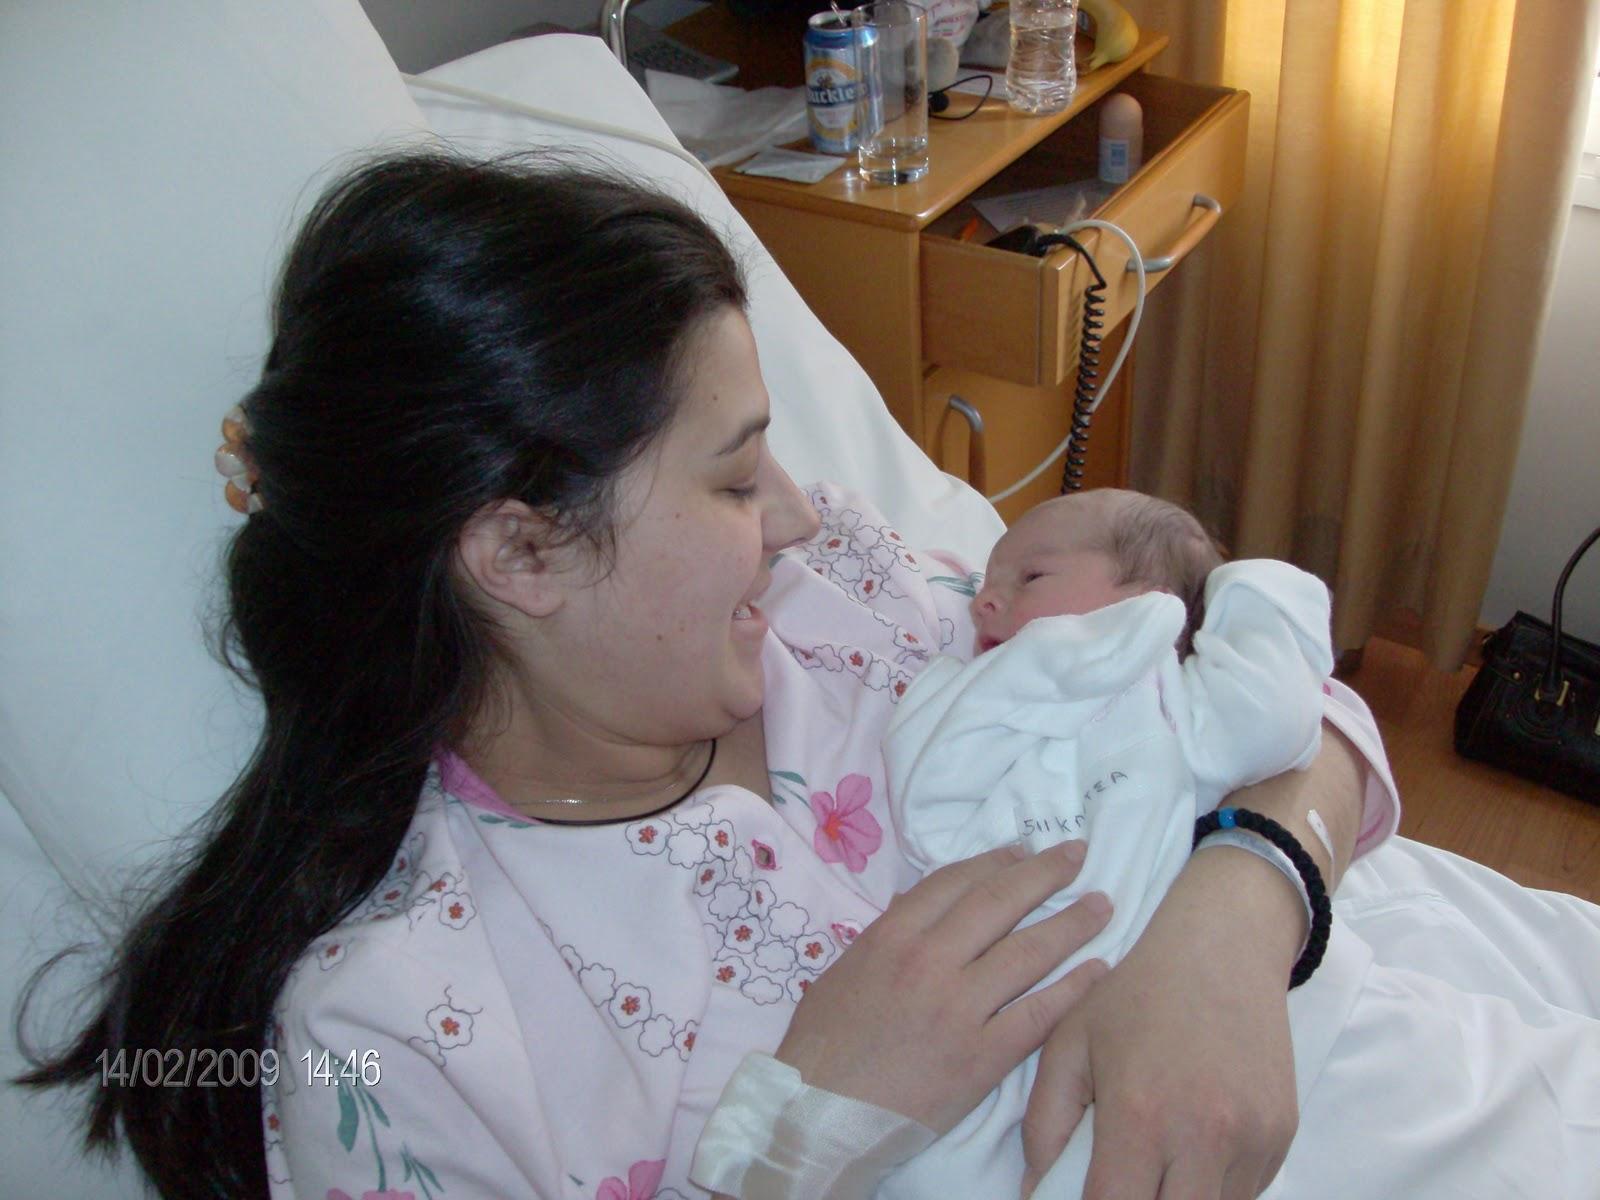 Για πρωτότοκη η γέννα μου ήταν πανεύκολη! - Eimaimama.gr